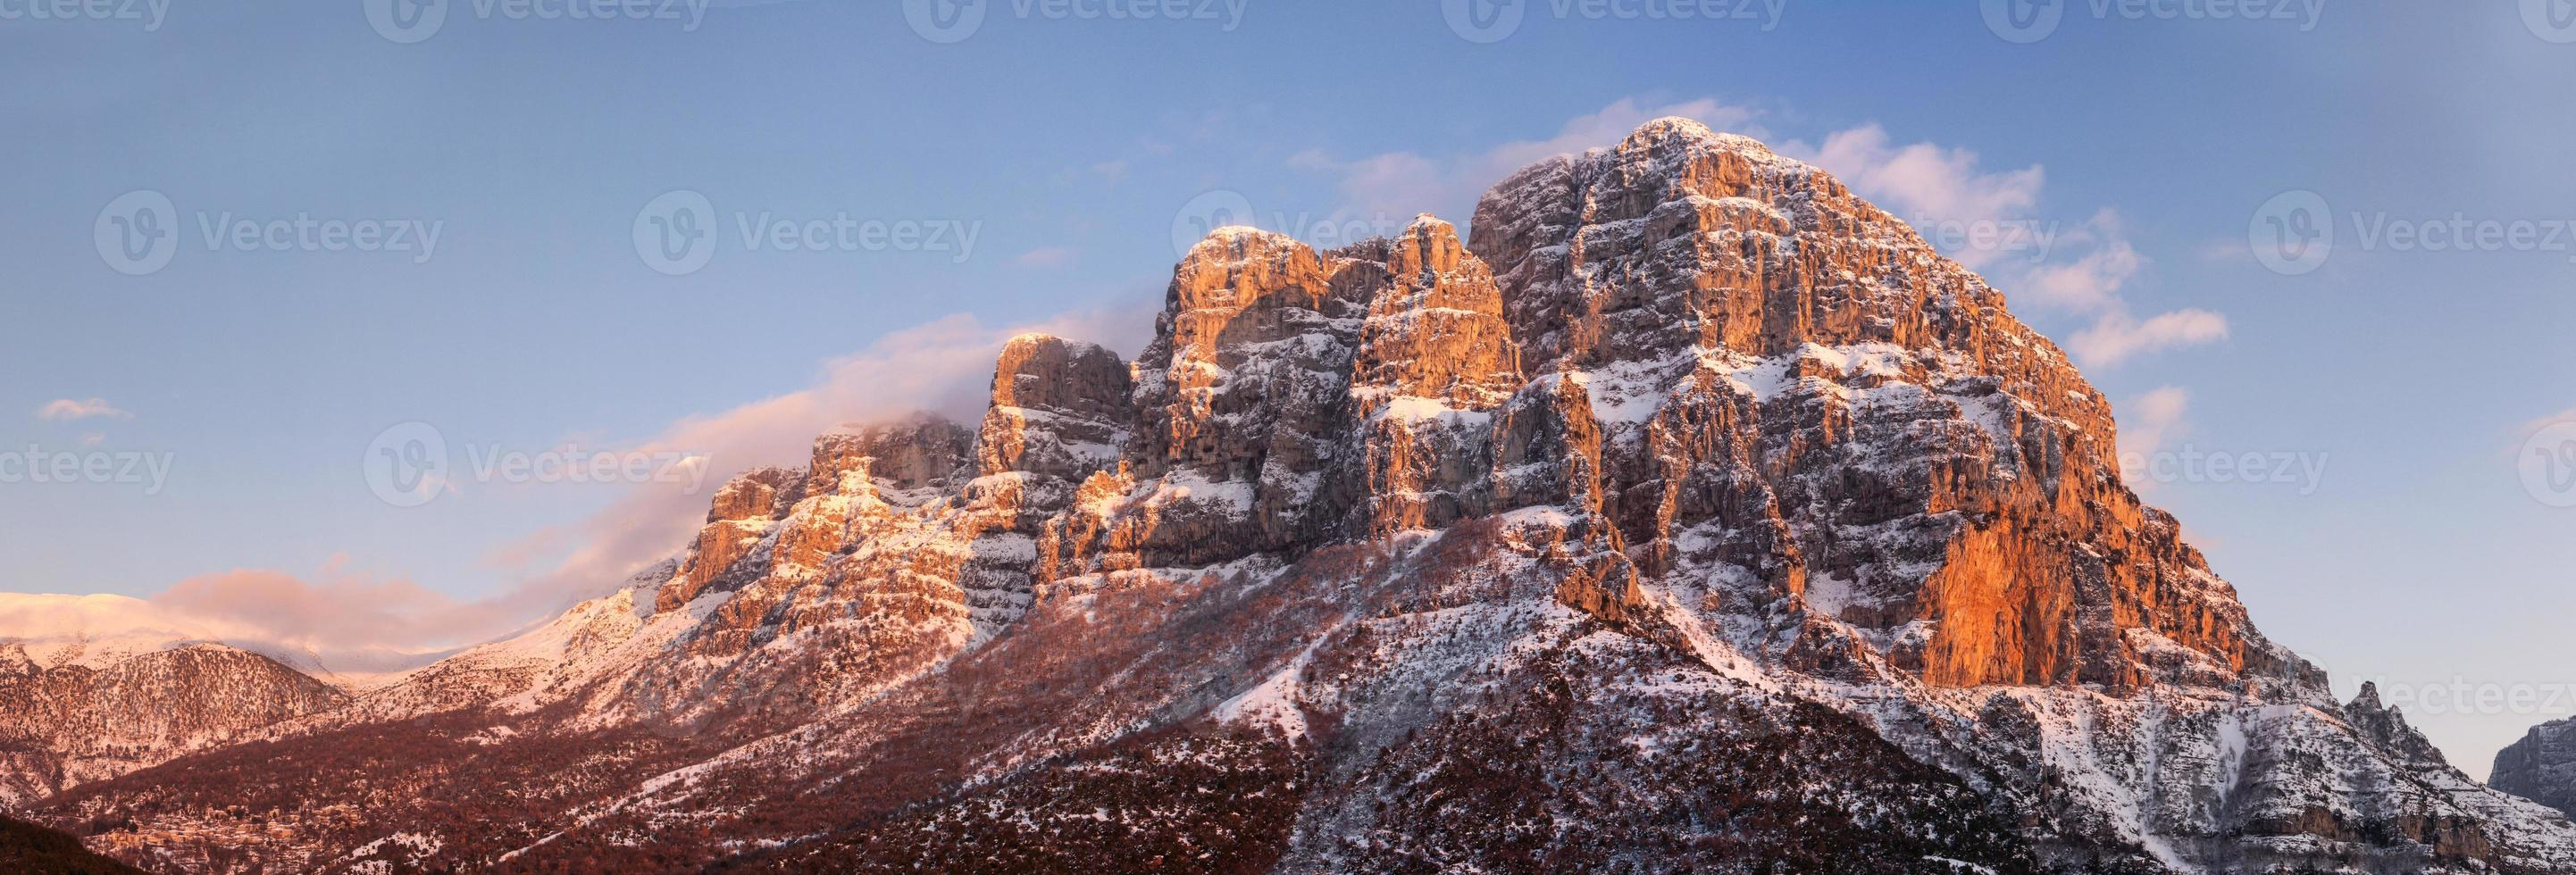 Zagoria vista panorâmica das montanhas foto